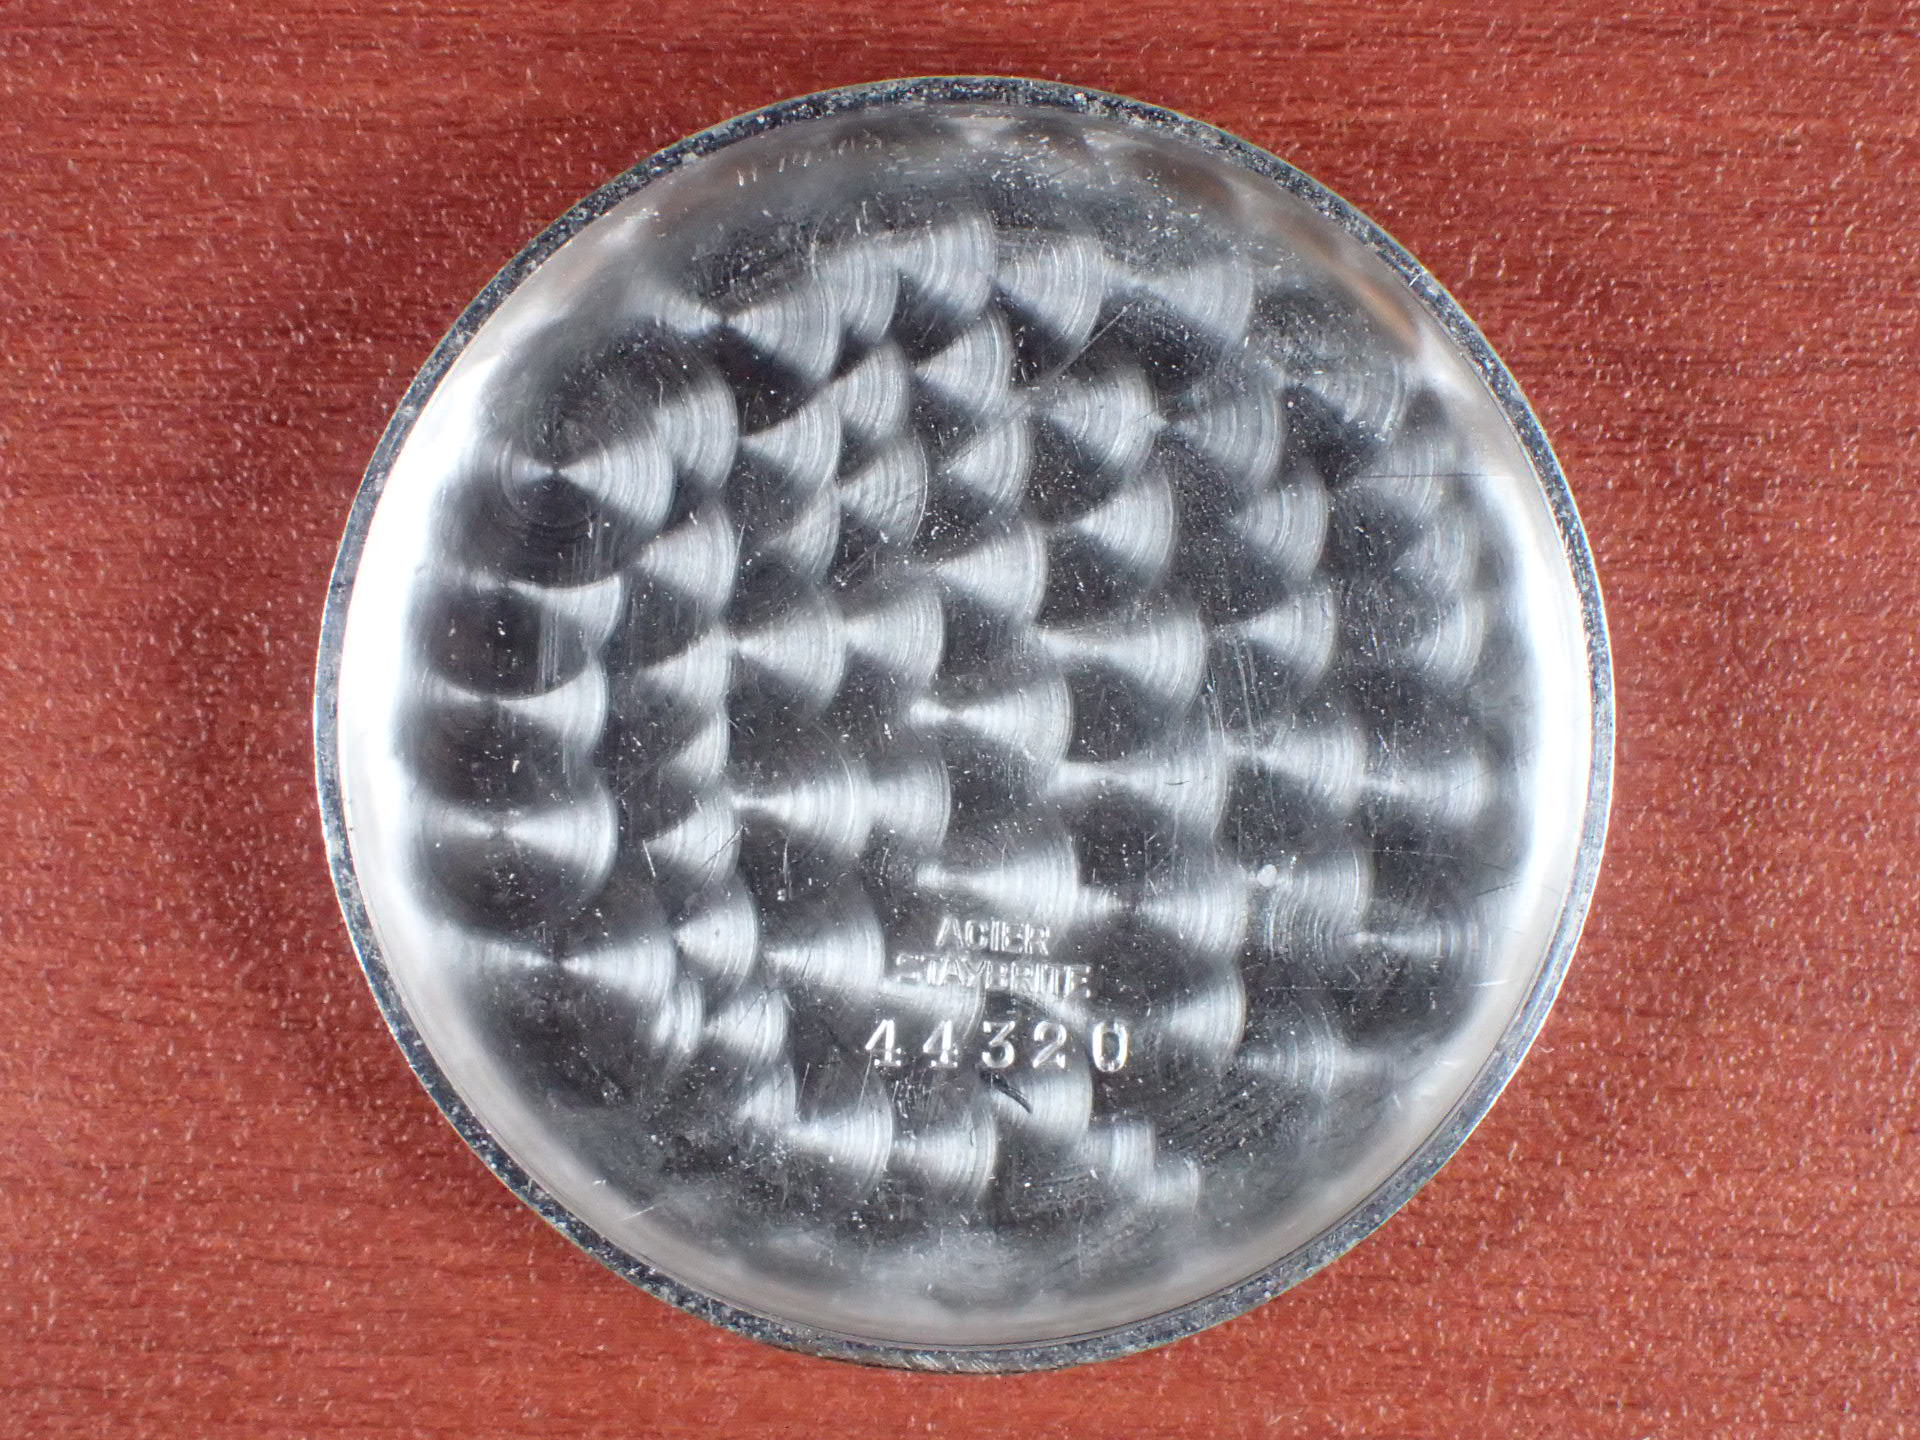 レマニア クロノグラフ Cal.15TL ブラックダイアル 1940年代の写真6枚目